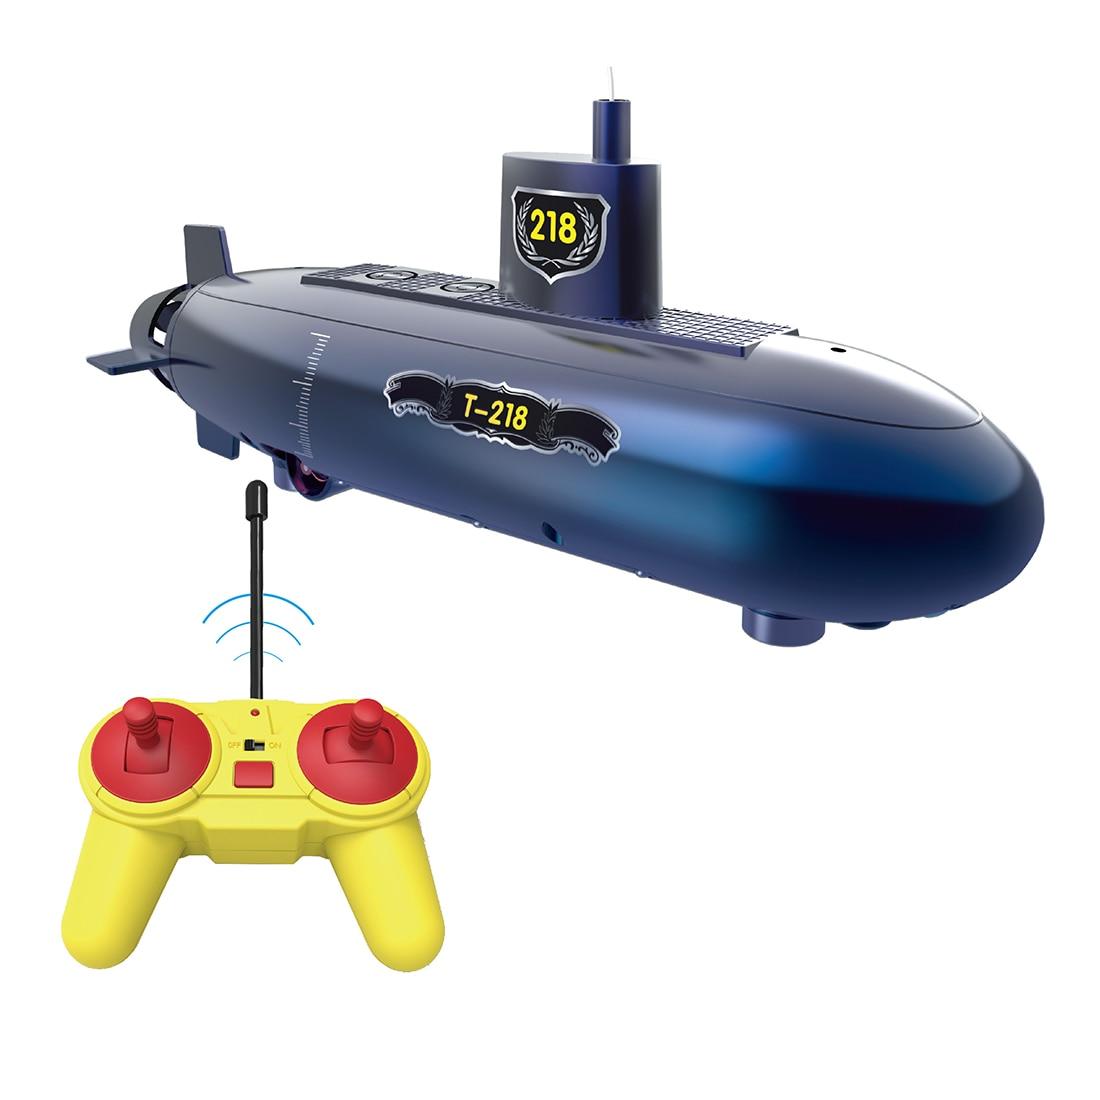 Engraçado Canais de Controle Remoto RC Mini Submarine 6 Debaixo de Água Haste Navio Barco RC Modelo Crianças Educacionais Toy Presente Para crianças